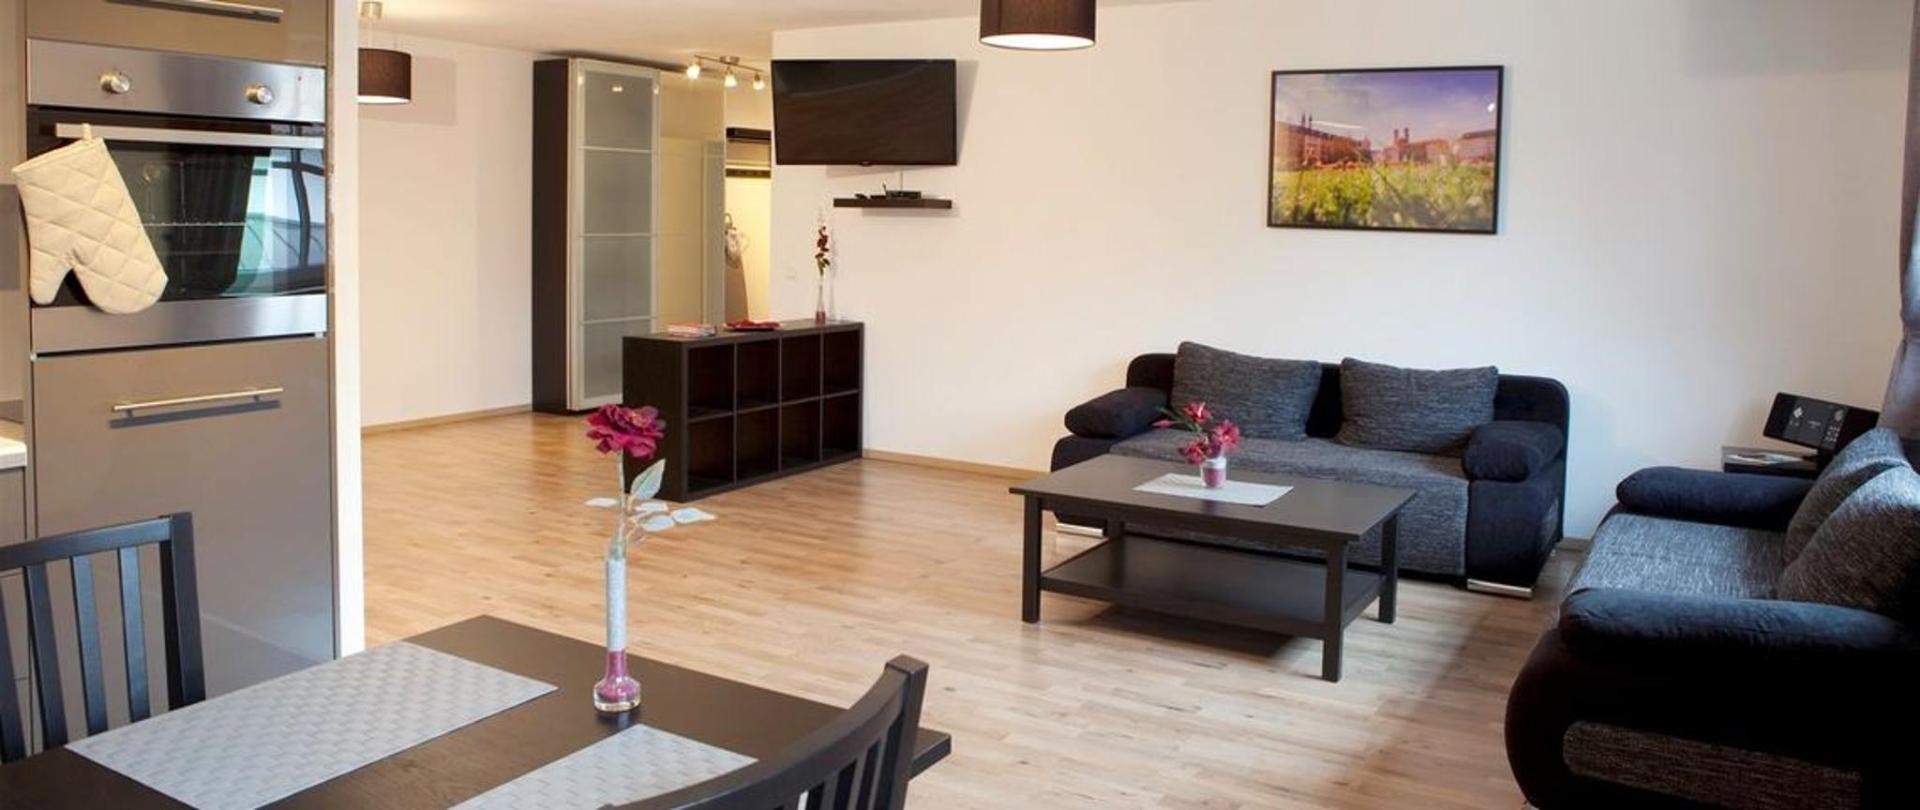 appartement_wohnzimmer_ku-a-che-kopie.jpg.1140x481_0_210_5937.jpg